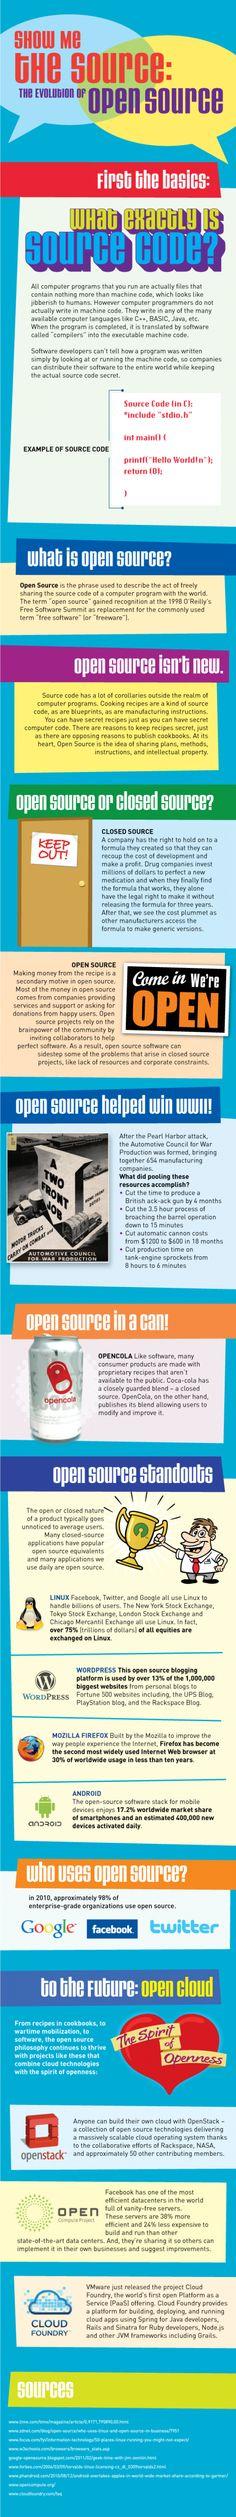 La evolución del #OpenSource